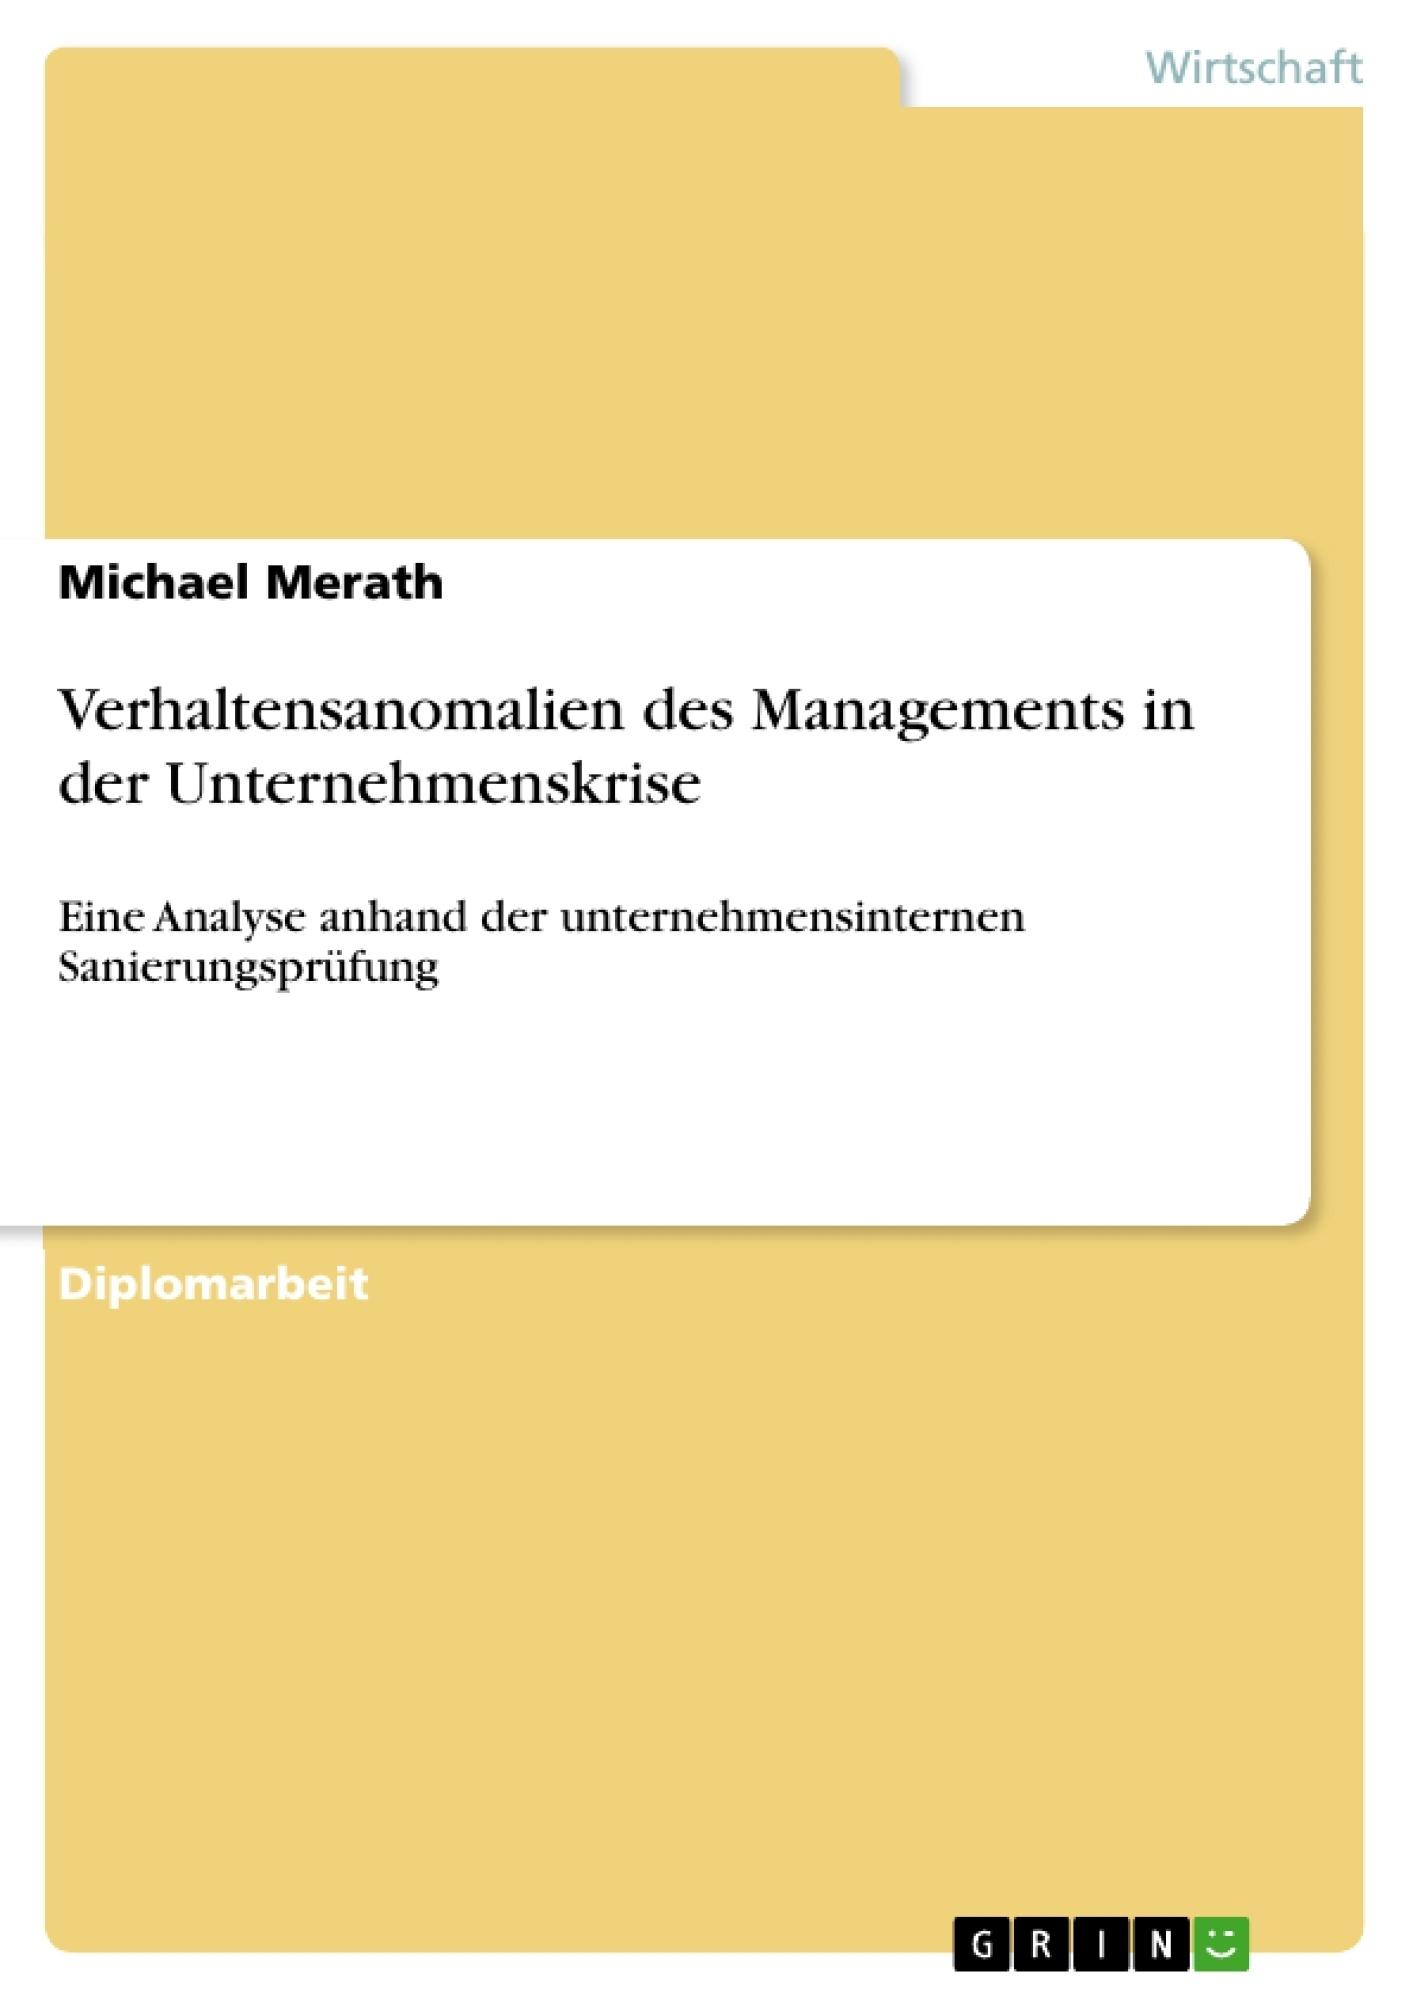 Titel: Verhaltensanomalien des Managements in der Unternehmenskrise